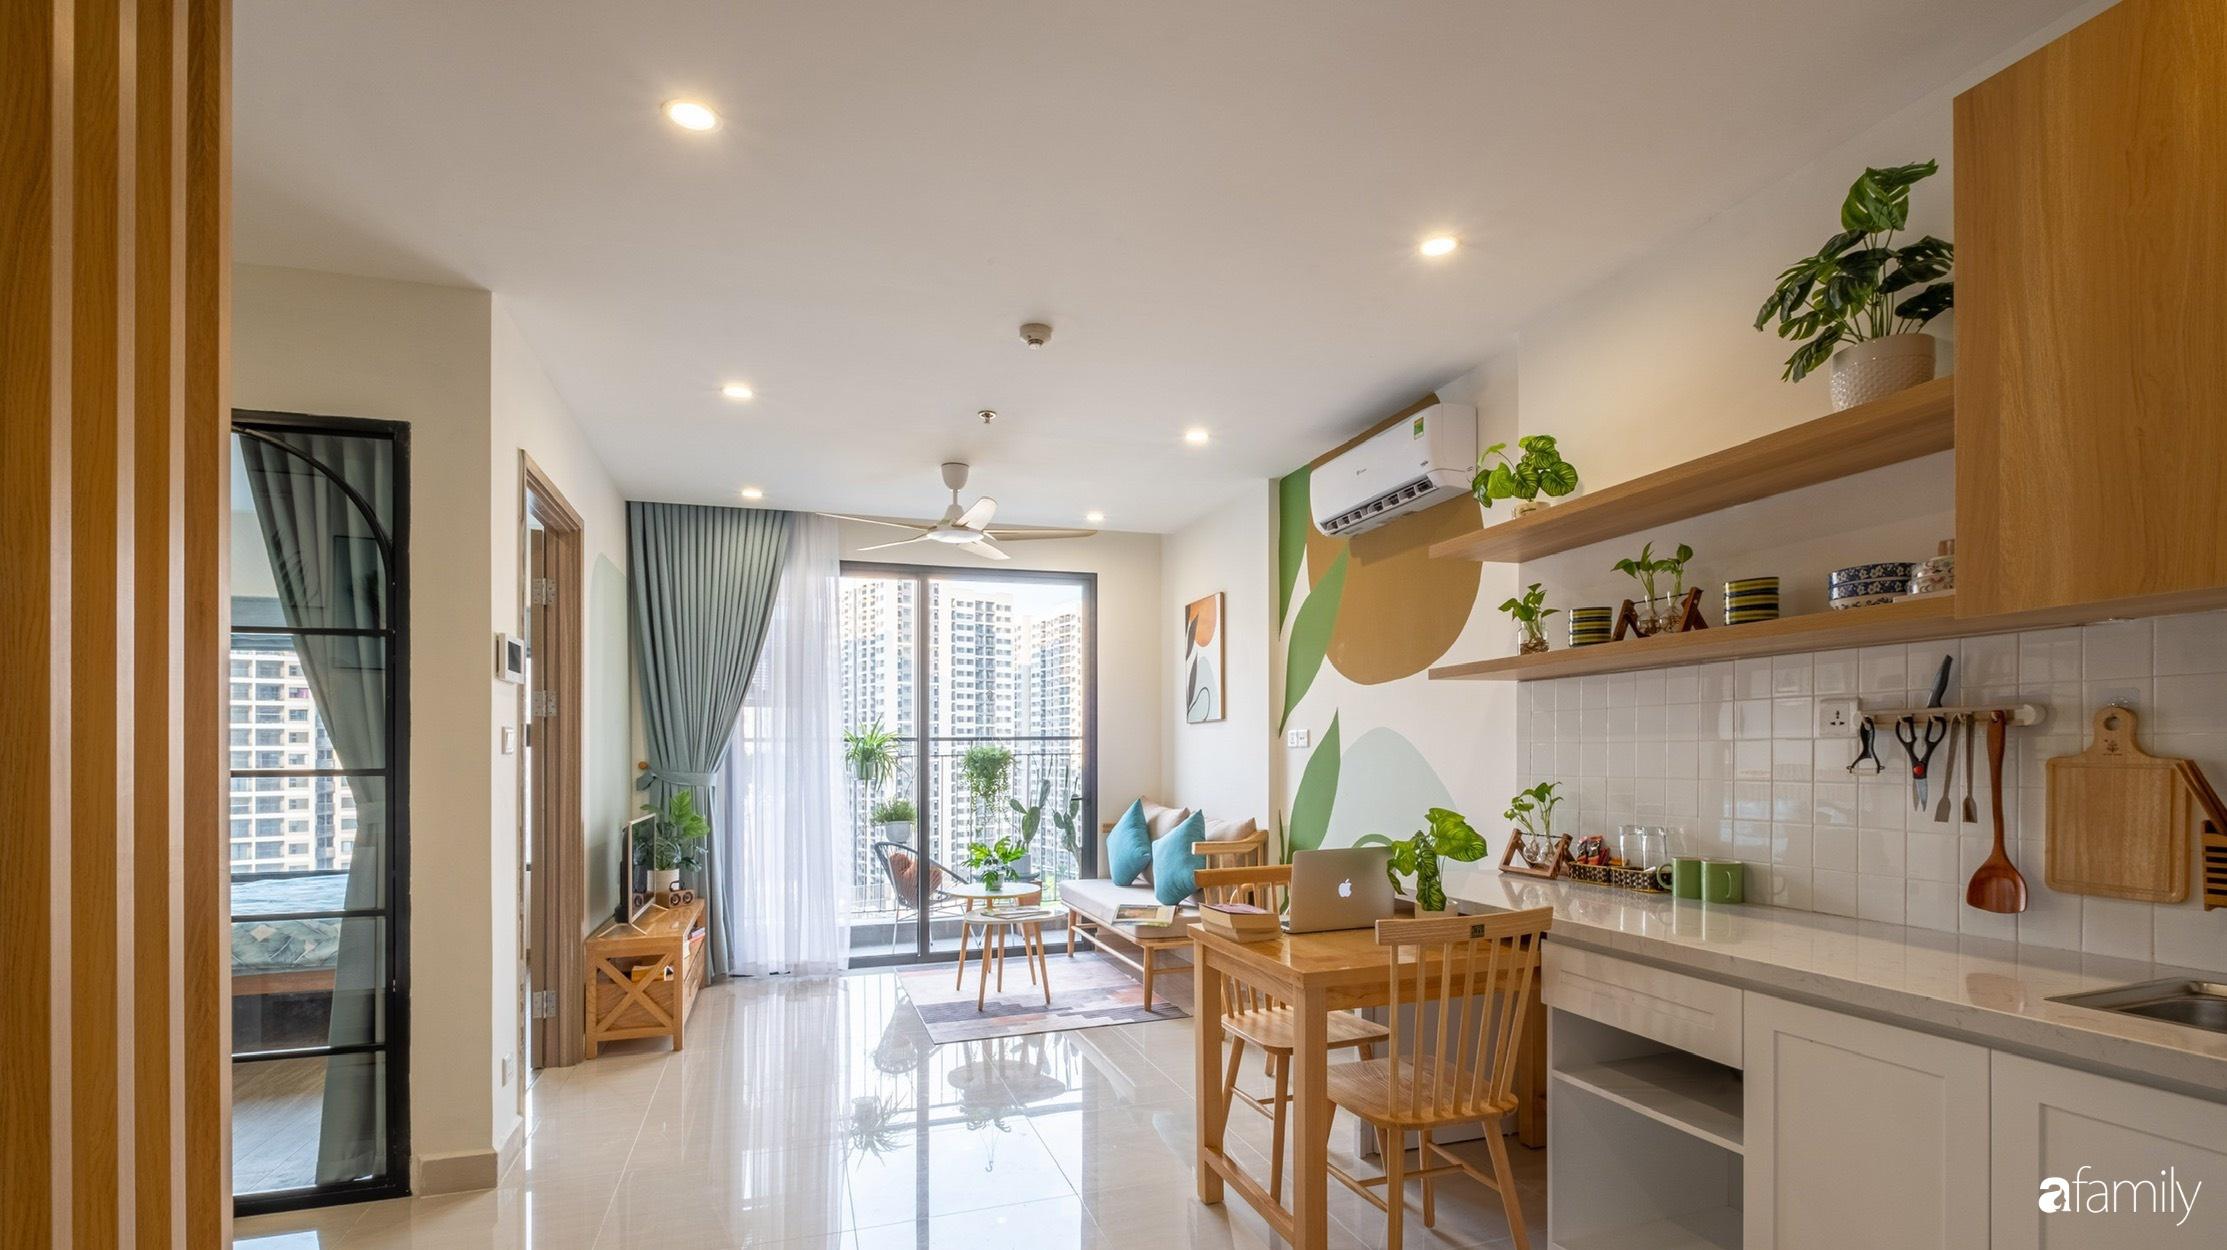 Căn hộ 40m² ở ngoại thành Hà Nội khiến ai ngắm nhìn cũng xuýt xoa vì đẹp có chi phí hoàn thiện 70 triệu đồng - Ảnh 2.